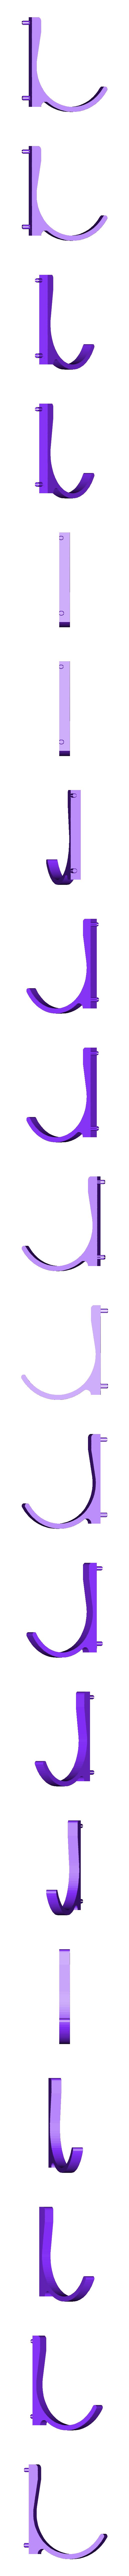 25mm_Pegboard_Spray_Can_Mount_-_Peg_Only.stl Télécharger fichier STL gratuit Pegboard 25 mm à monter sur un support • Design à imprimer en 3D, taleya